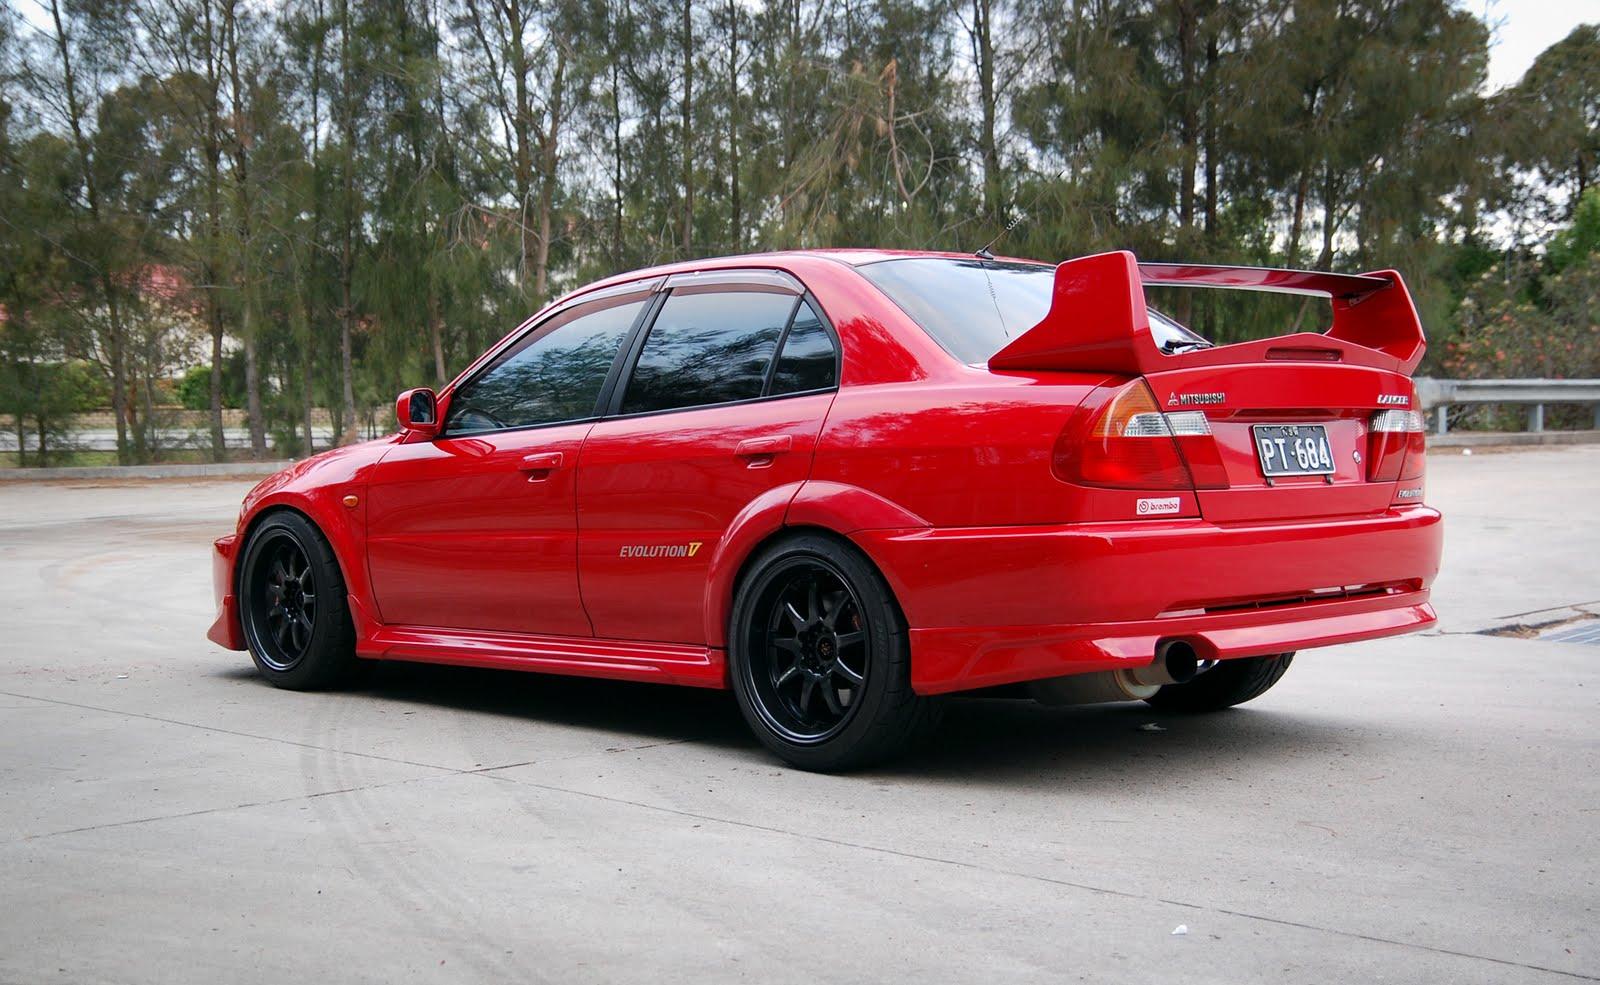 Mitsubishi Lancer Evolution V, kultowa rajdówka z duszą, najlepsze sportowe sedany, 4G63T, AWD, czerwony, czarne felgi, jak wygląda